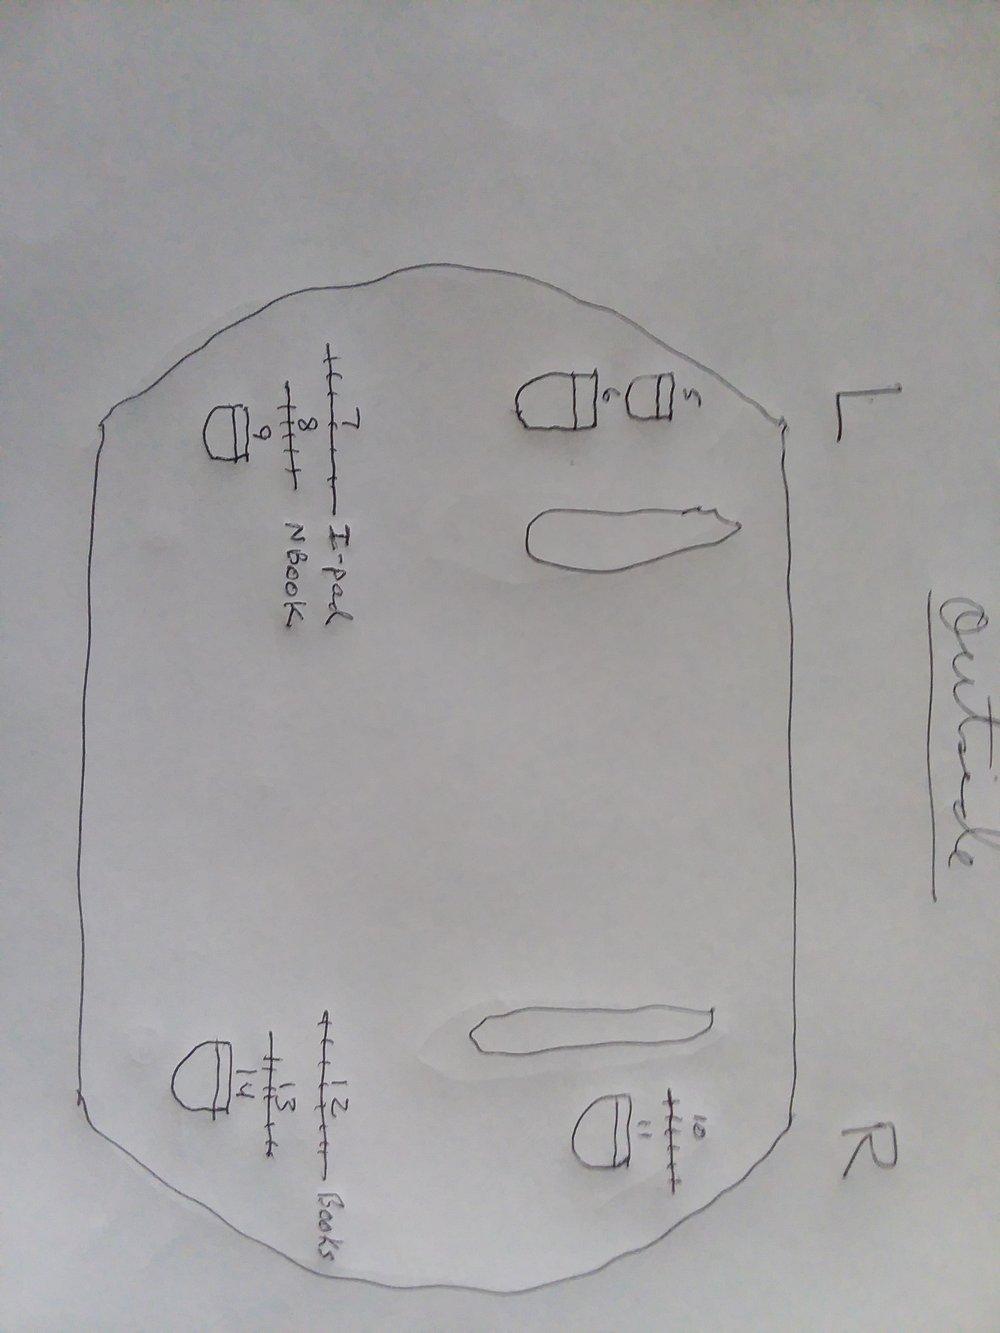 eVest Diagram